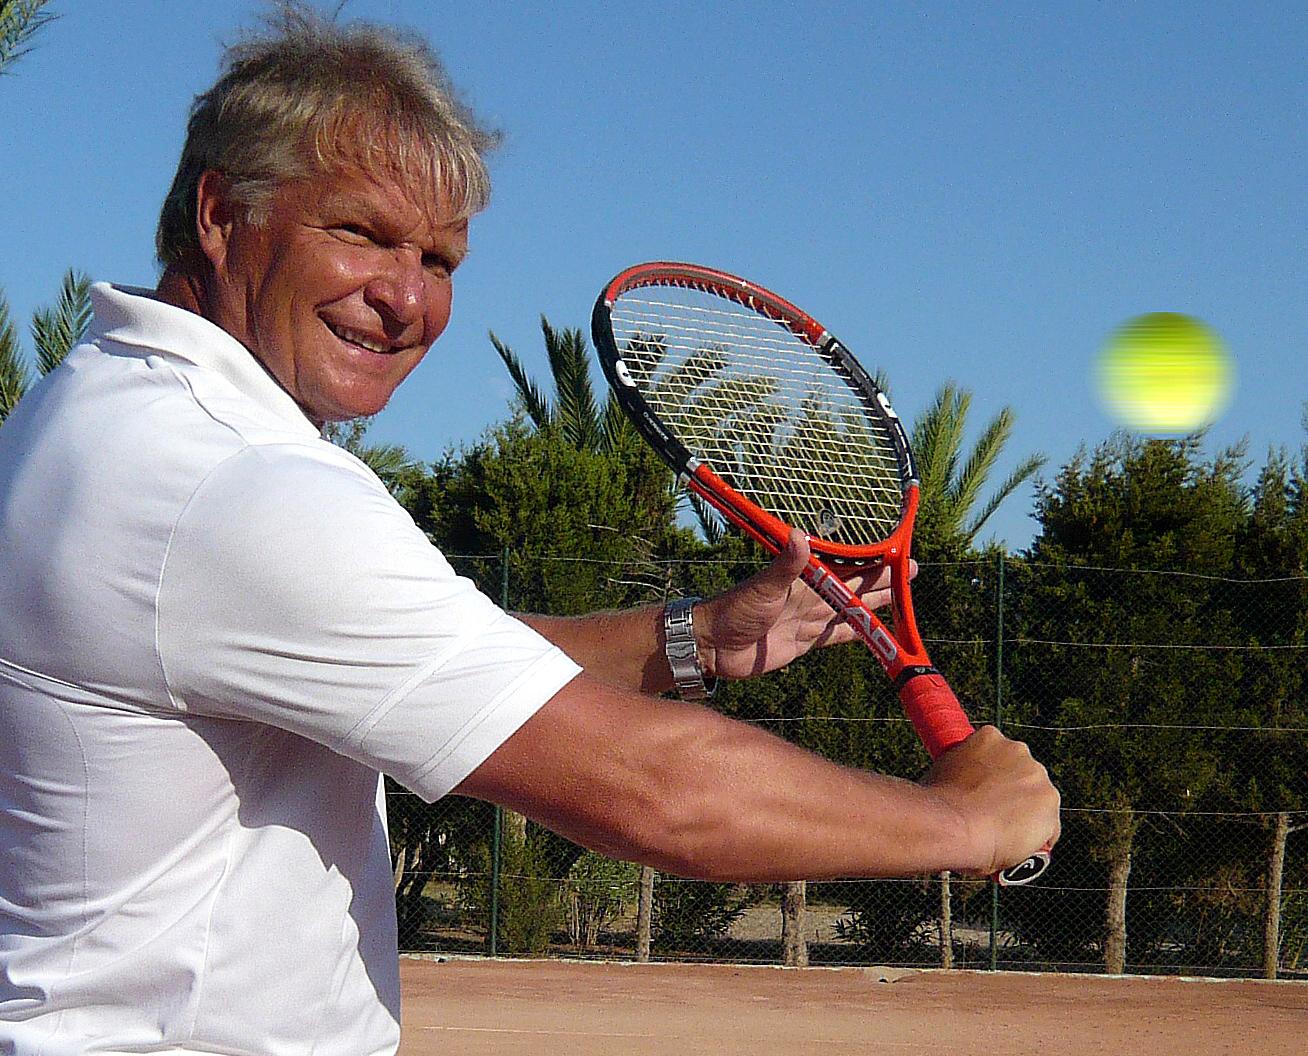 Минкевич Анатолий Адамович (Россия) на учебно-тренировочном сборе по теннису в Тунисе - 2009